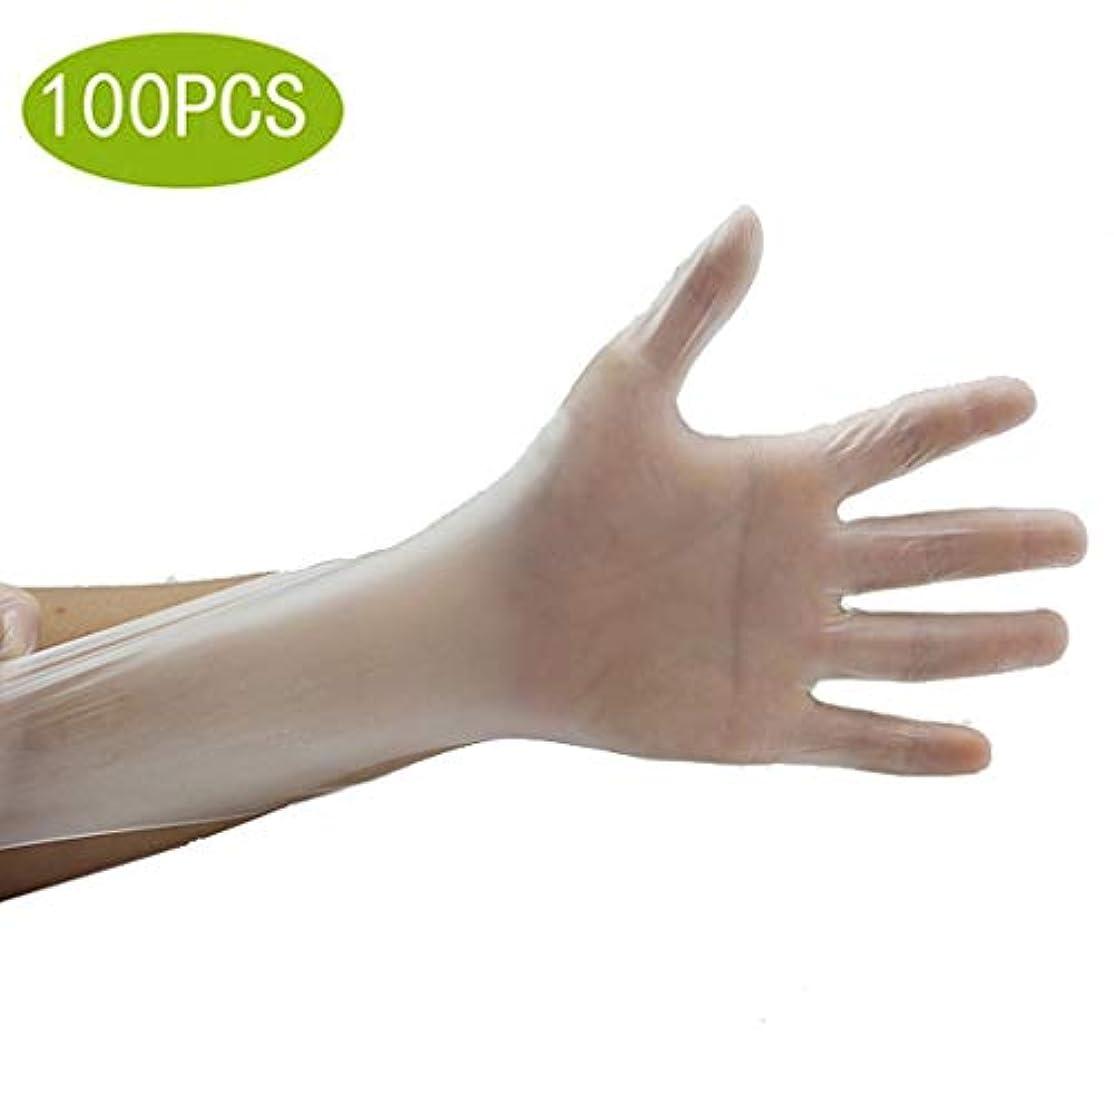 破産ヒューマニスティックストロー使い捨てビニール手袋、無菌、パウダーフリー、スムースタッチ、フードサービスグレード、ミディアムサイズ[100パック] (Color : White)